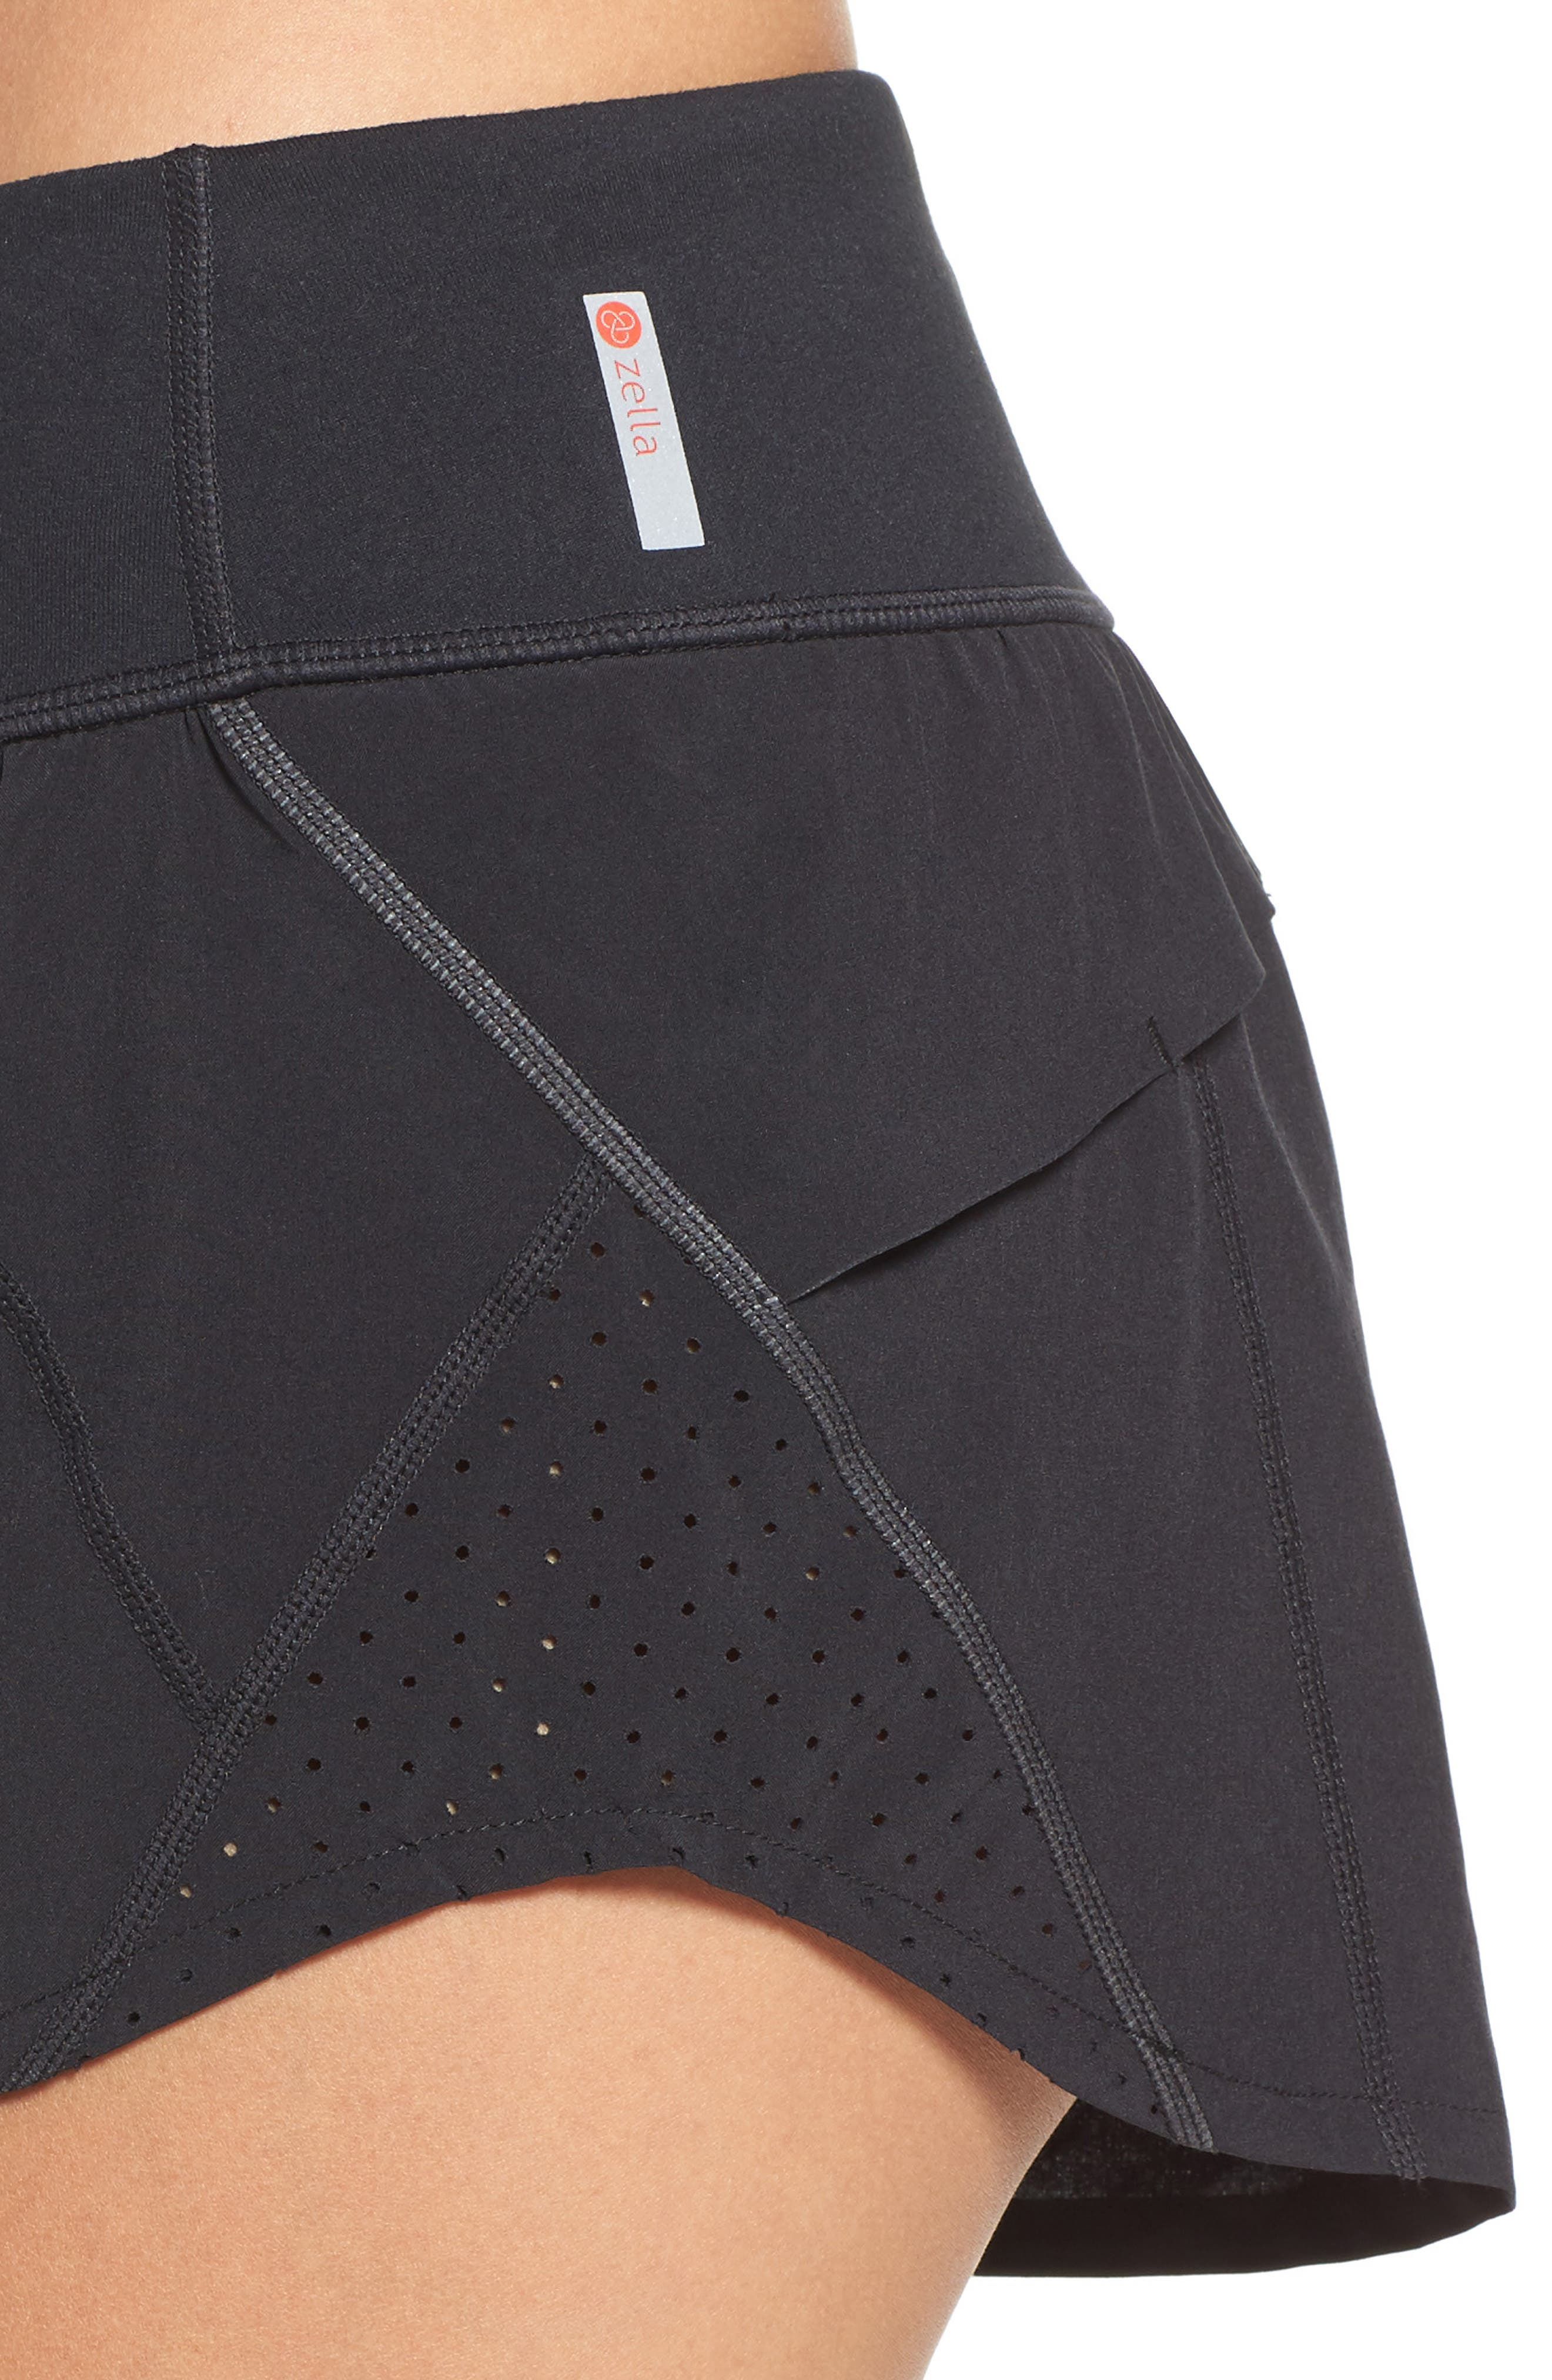 Runaround Compact Shorts,                             Alternate thumbnail 4, color,                             001